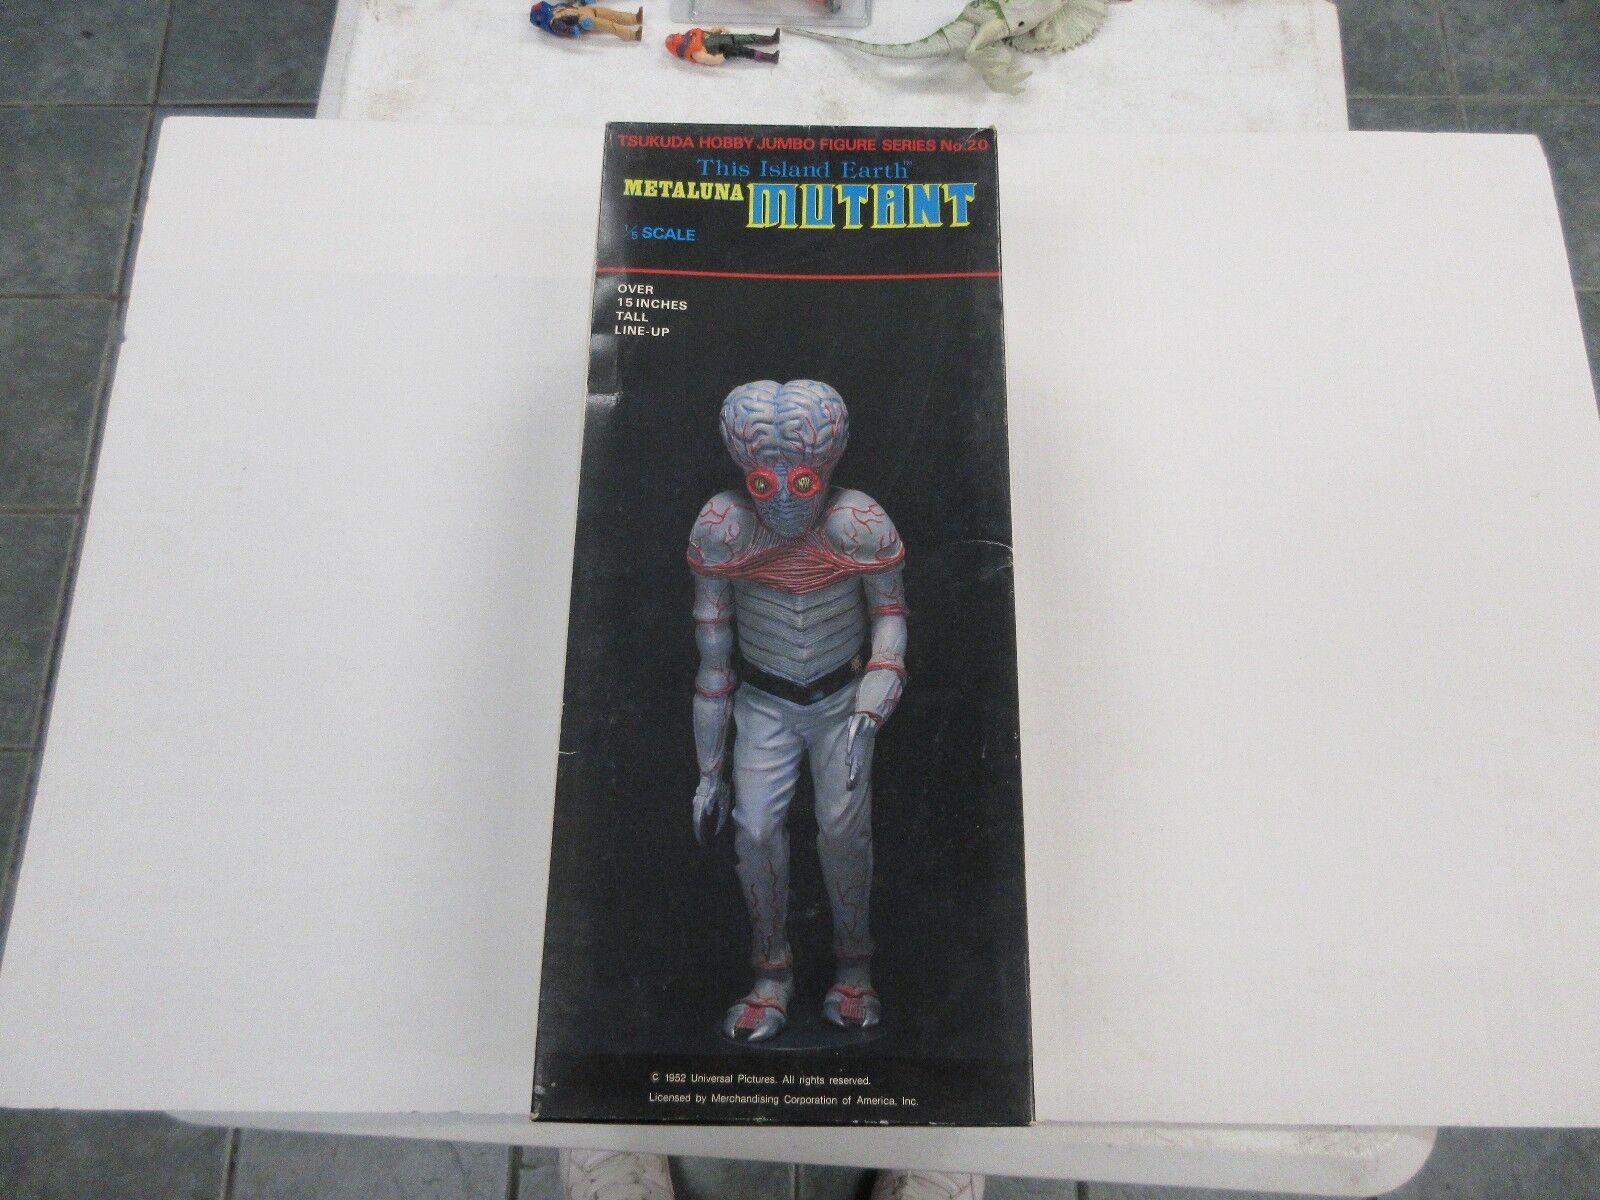 1982 TSUKUDA HOBBY JUMBO 15  FIGURE METALUNA MUTANT 1 5 SCALE UNPAINTED